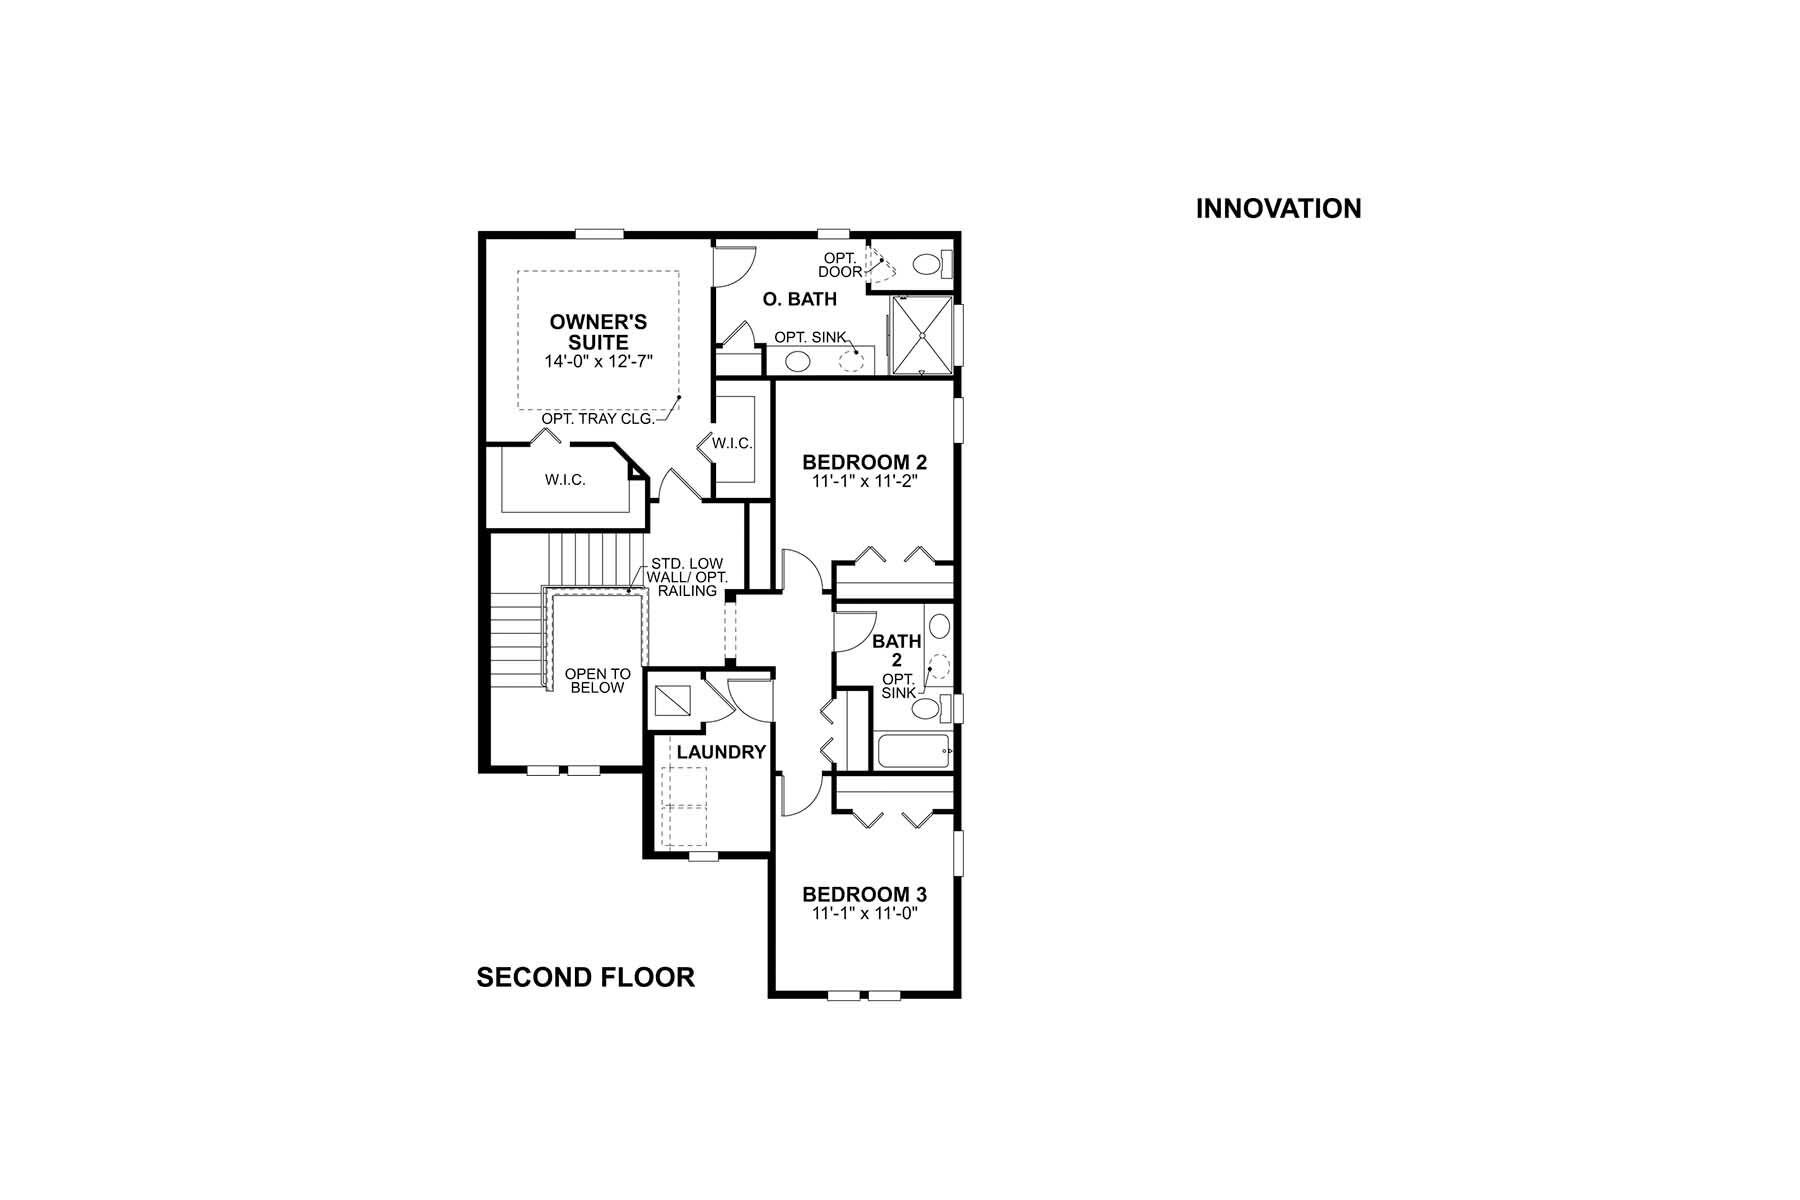 Innovation Second Floor